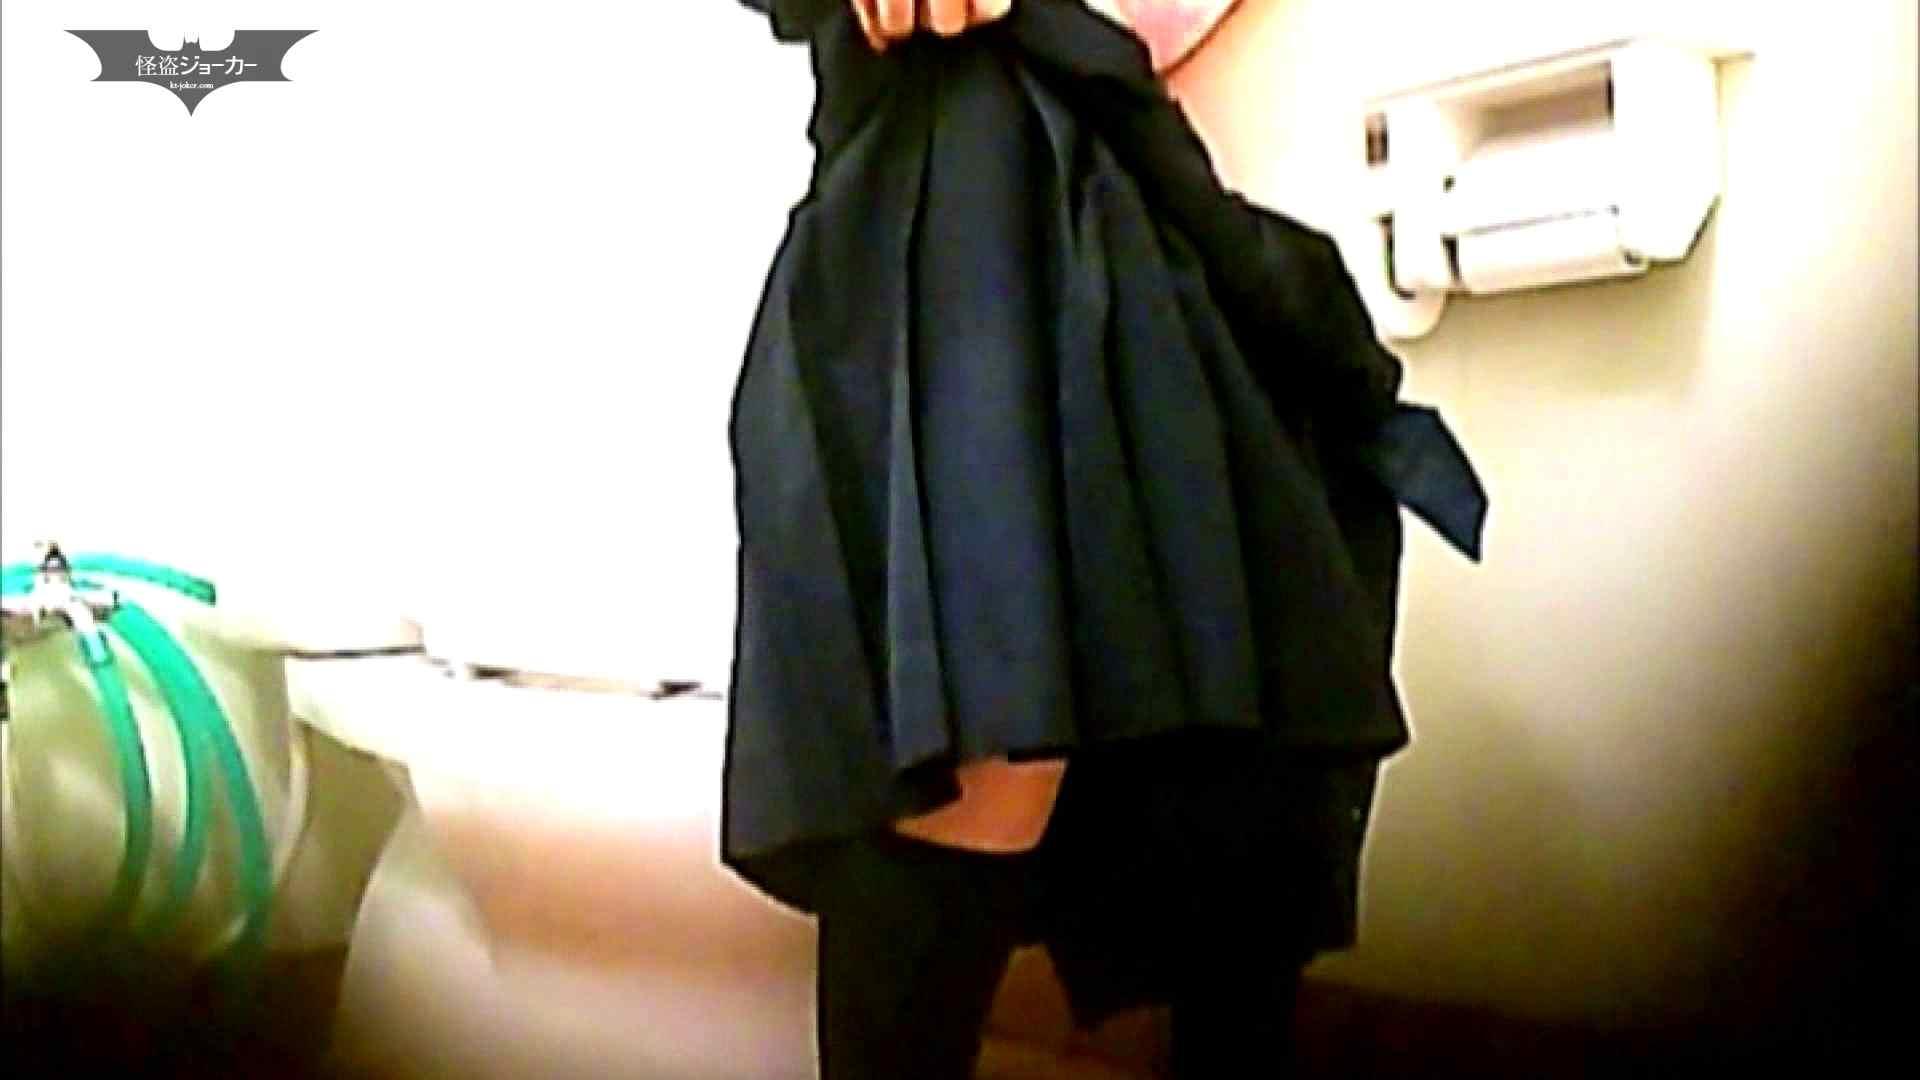 店長代理の盗撮録 Vol.02 制服ばかりをあつめてみました。その2 洗面所  95PIX 53